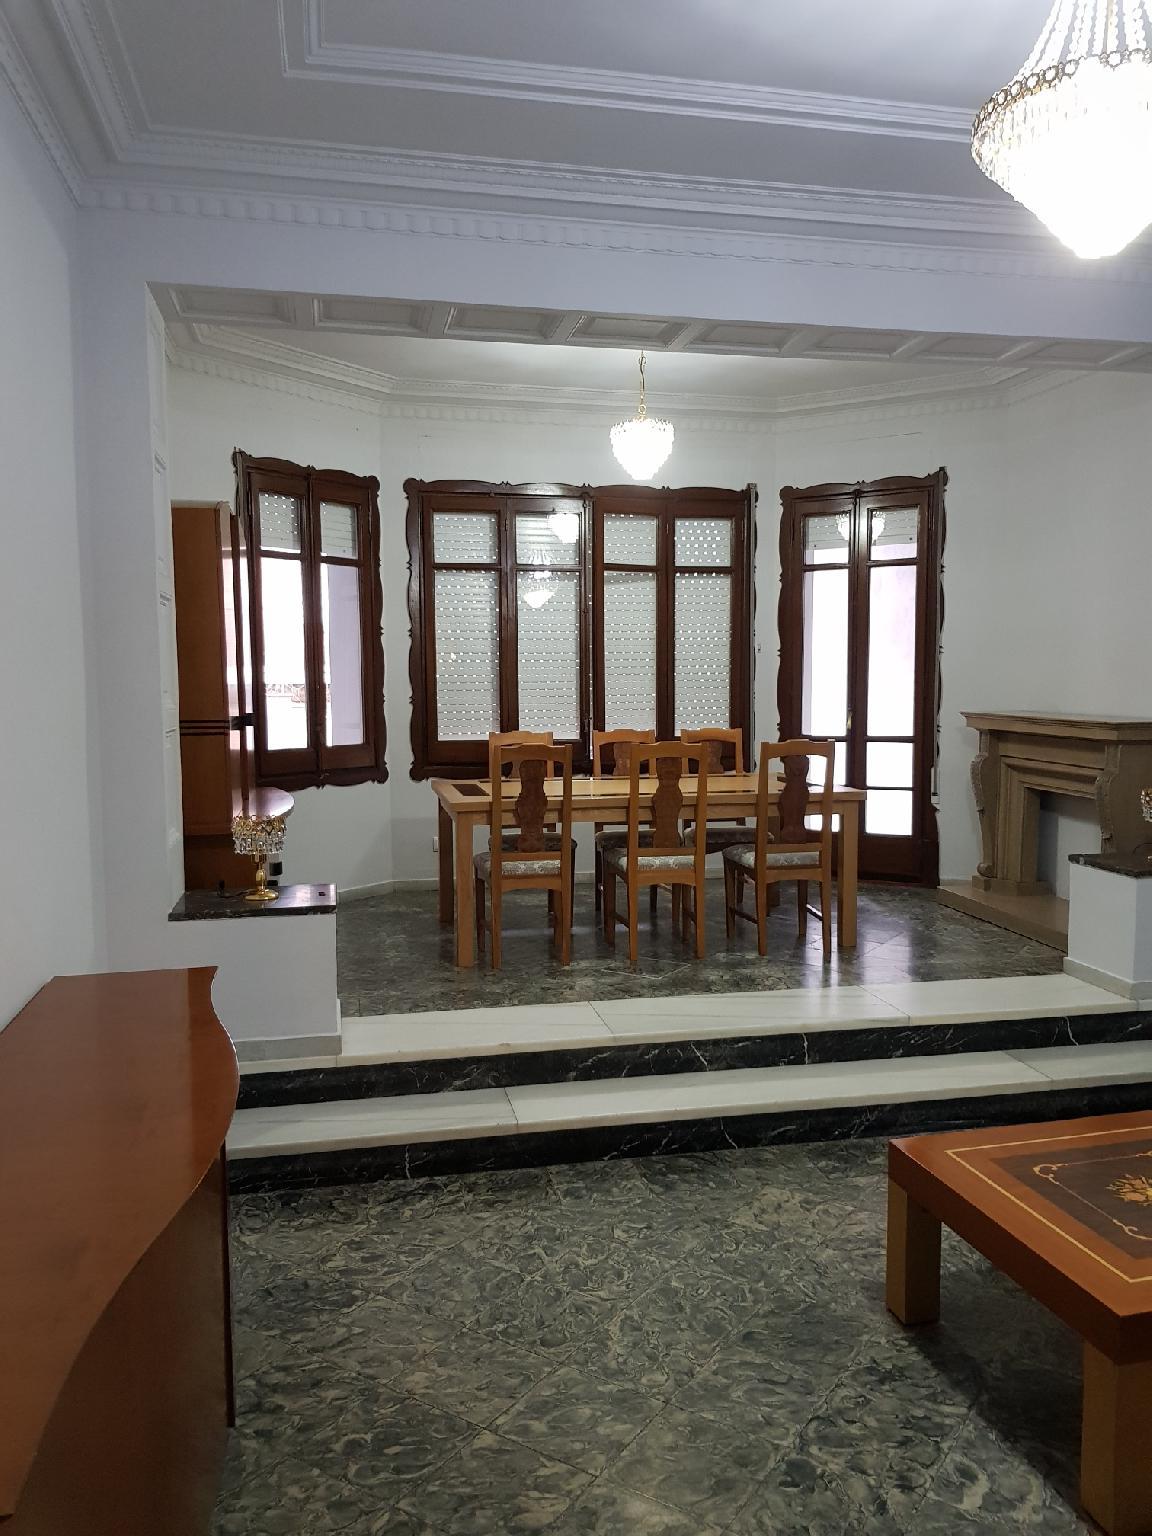 Lloguer Pis  Centre-casagemes. Junto a los juzgados